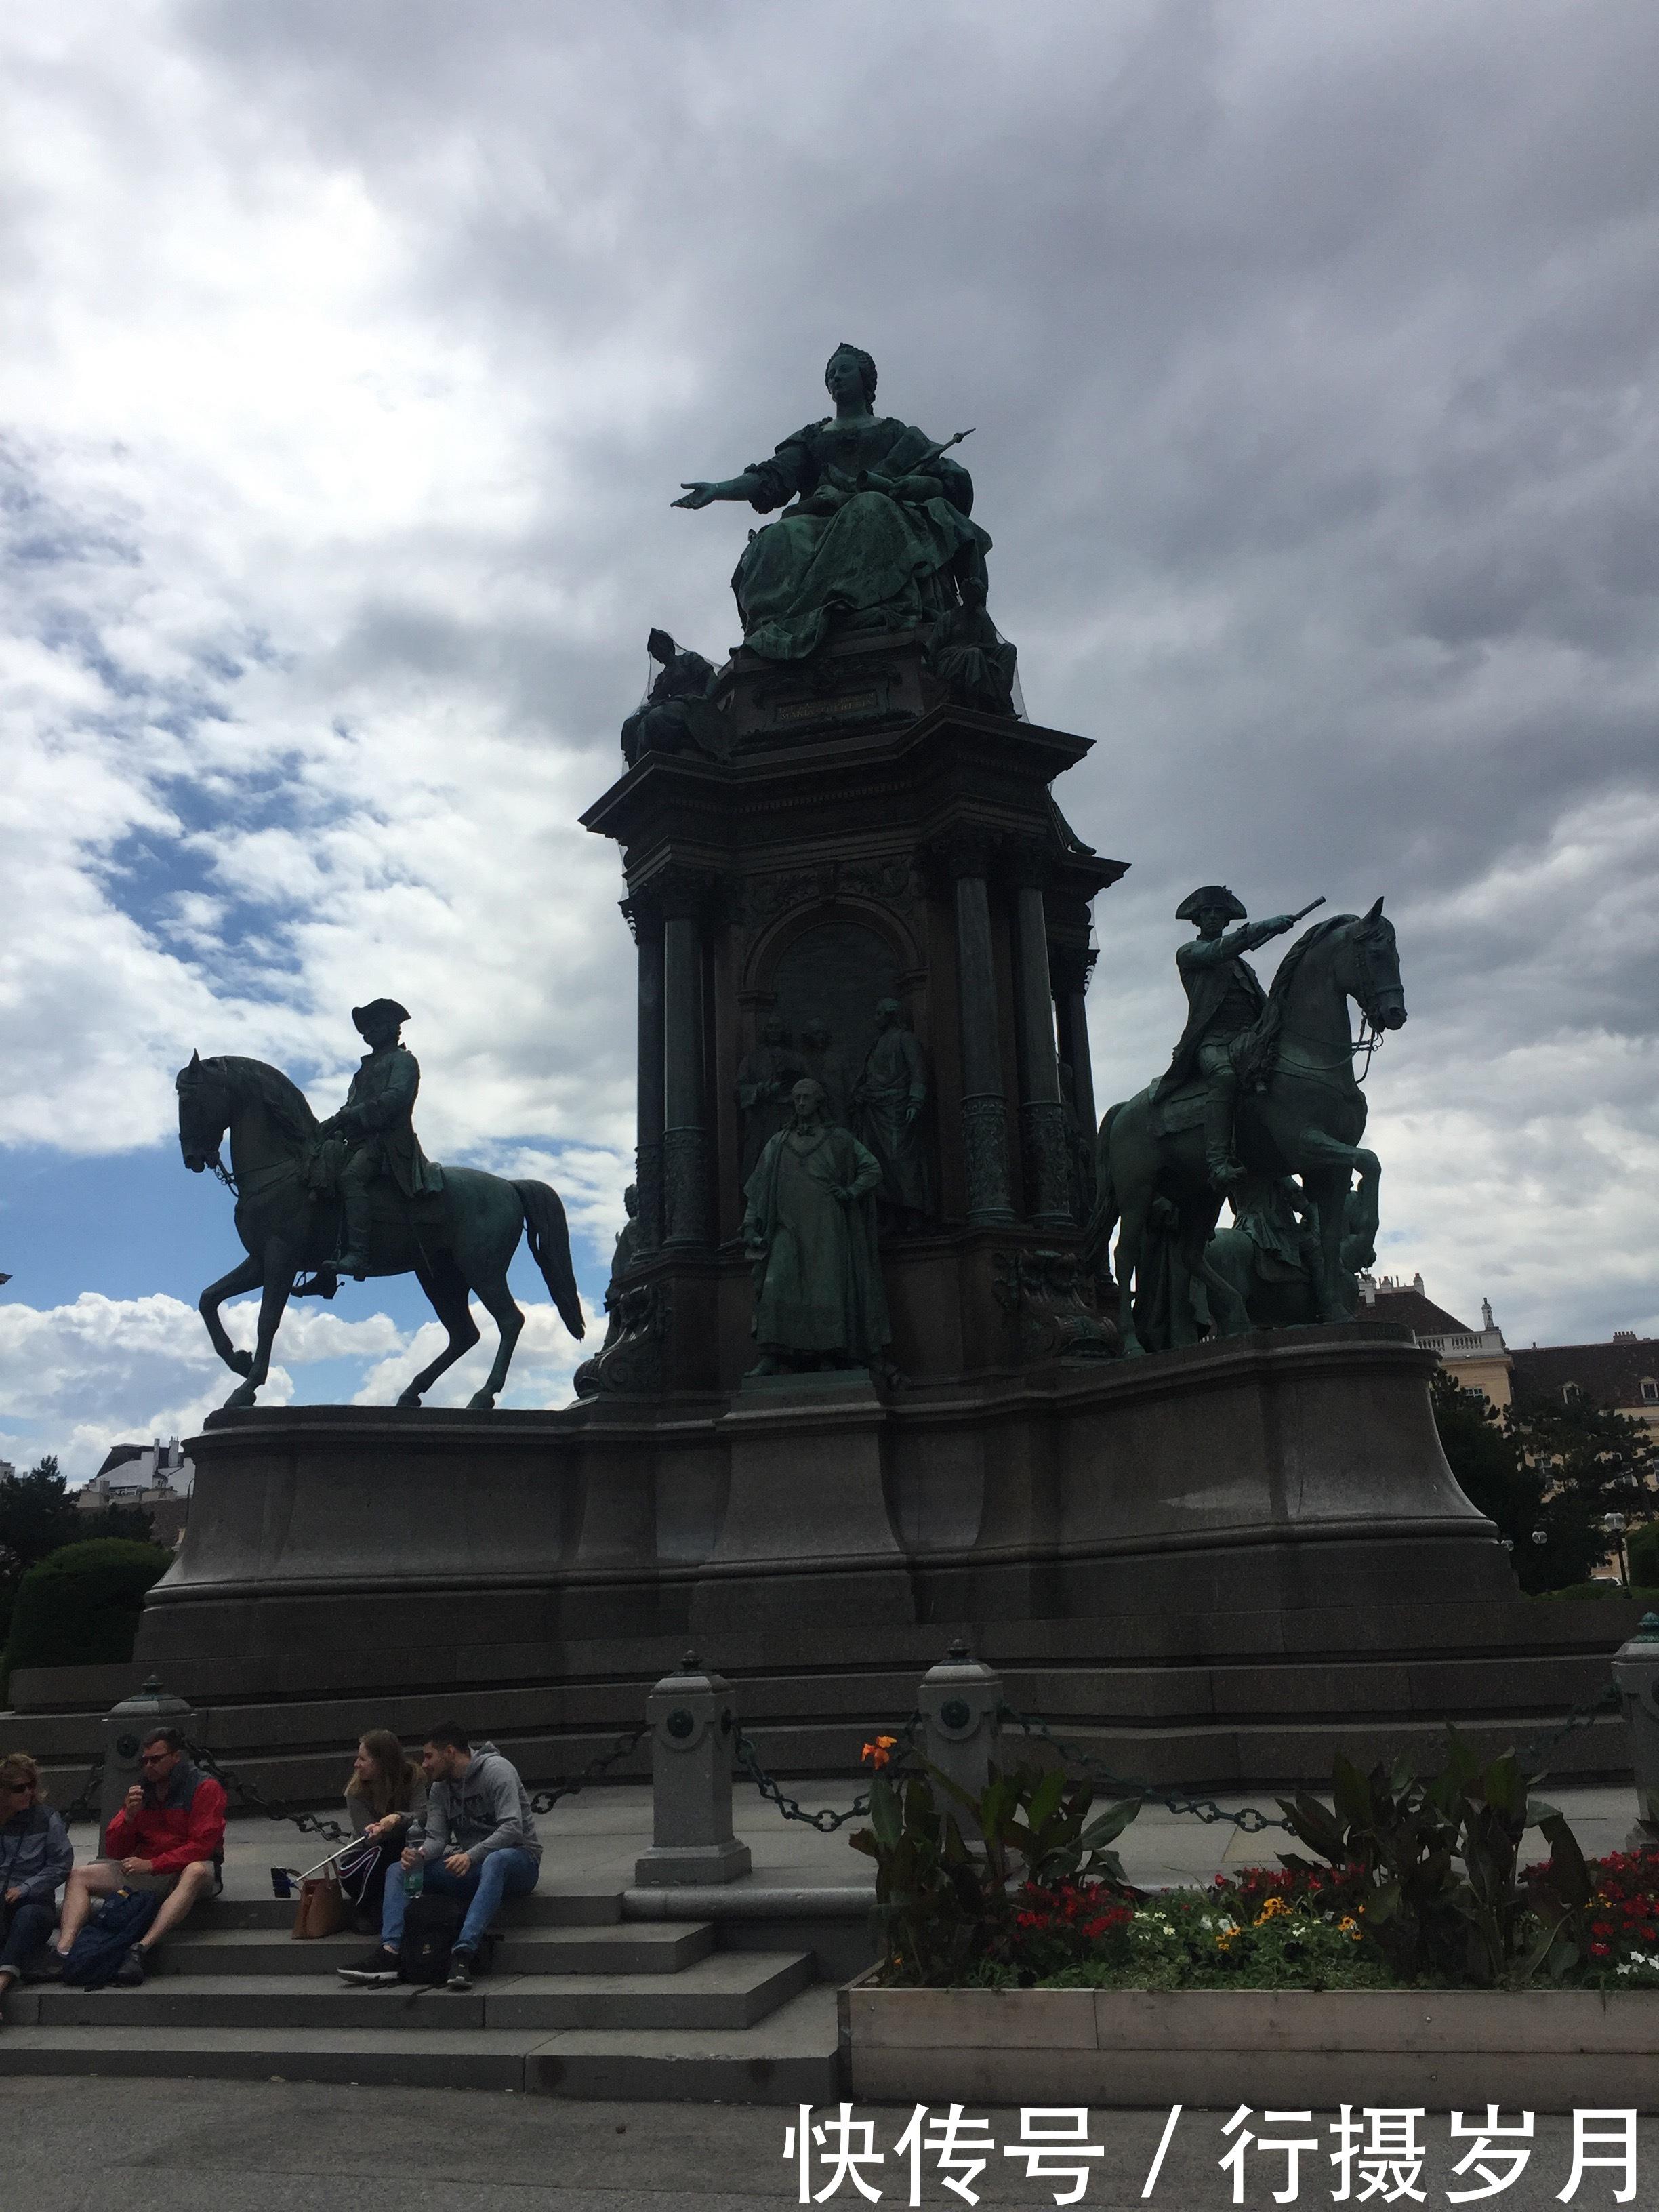 <b>走进奥地利,感受蓝色多瑙河的风情与韵律</b>